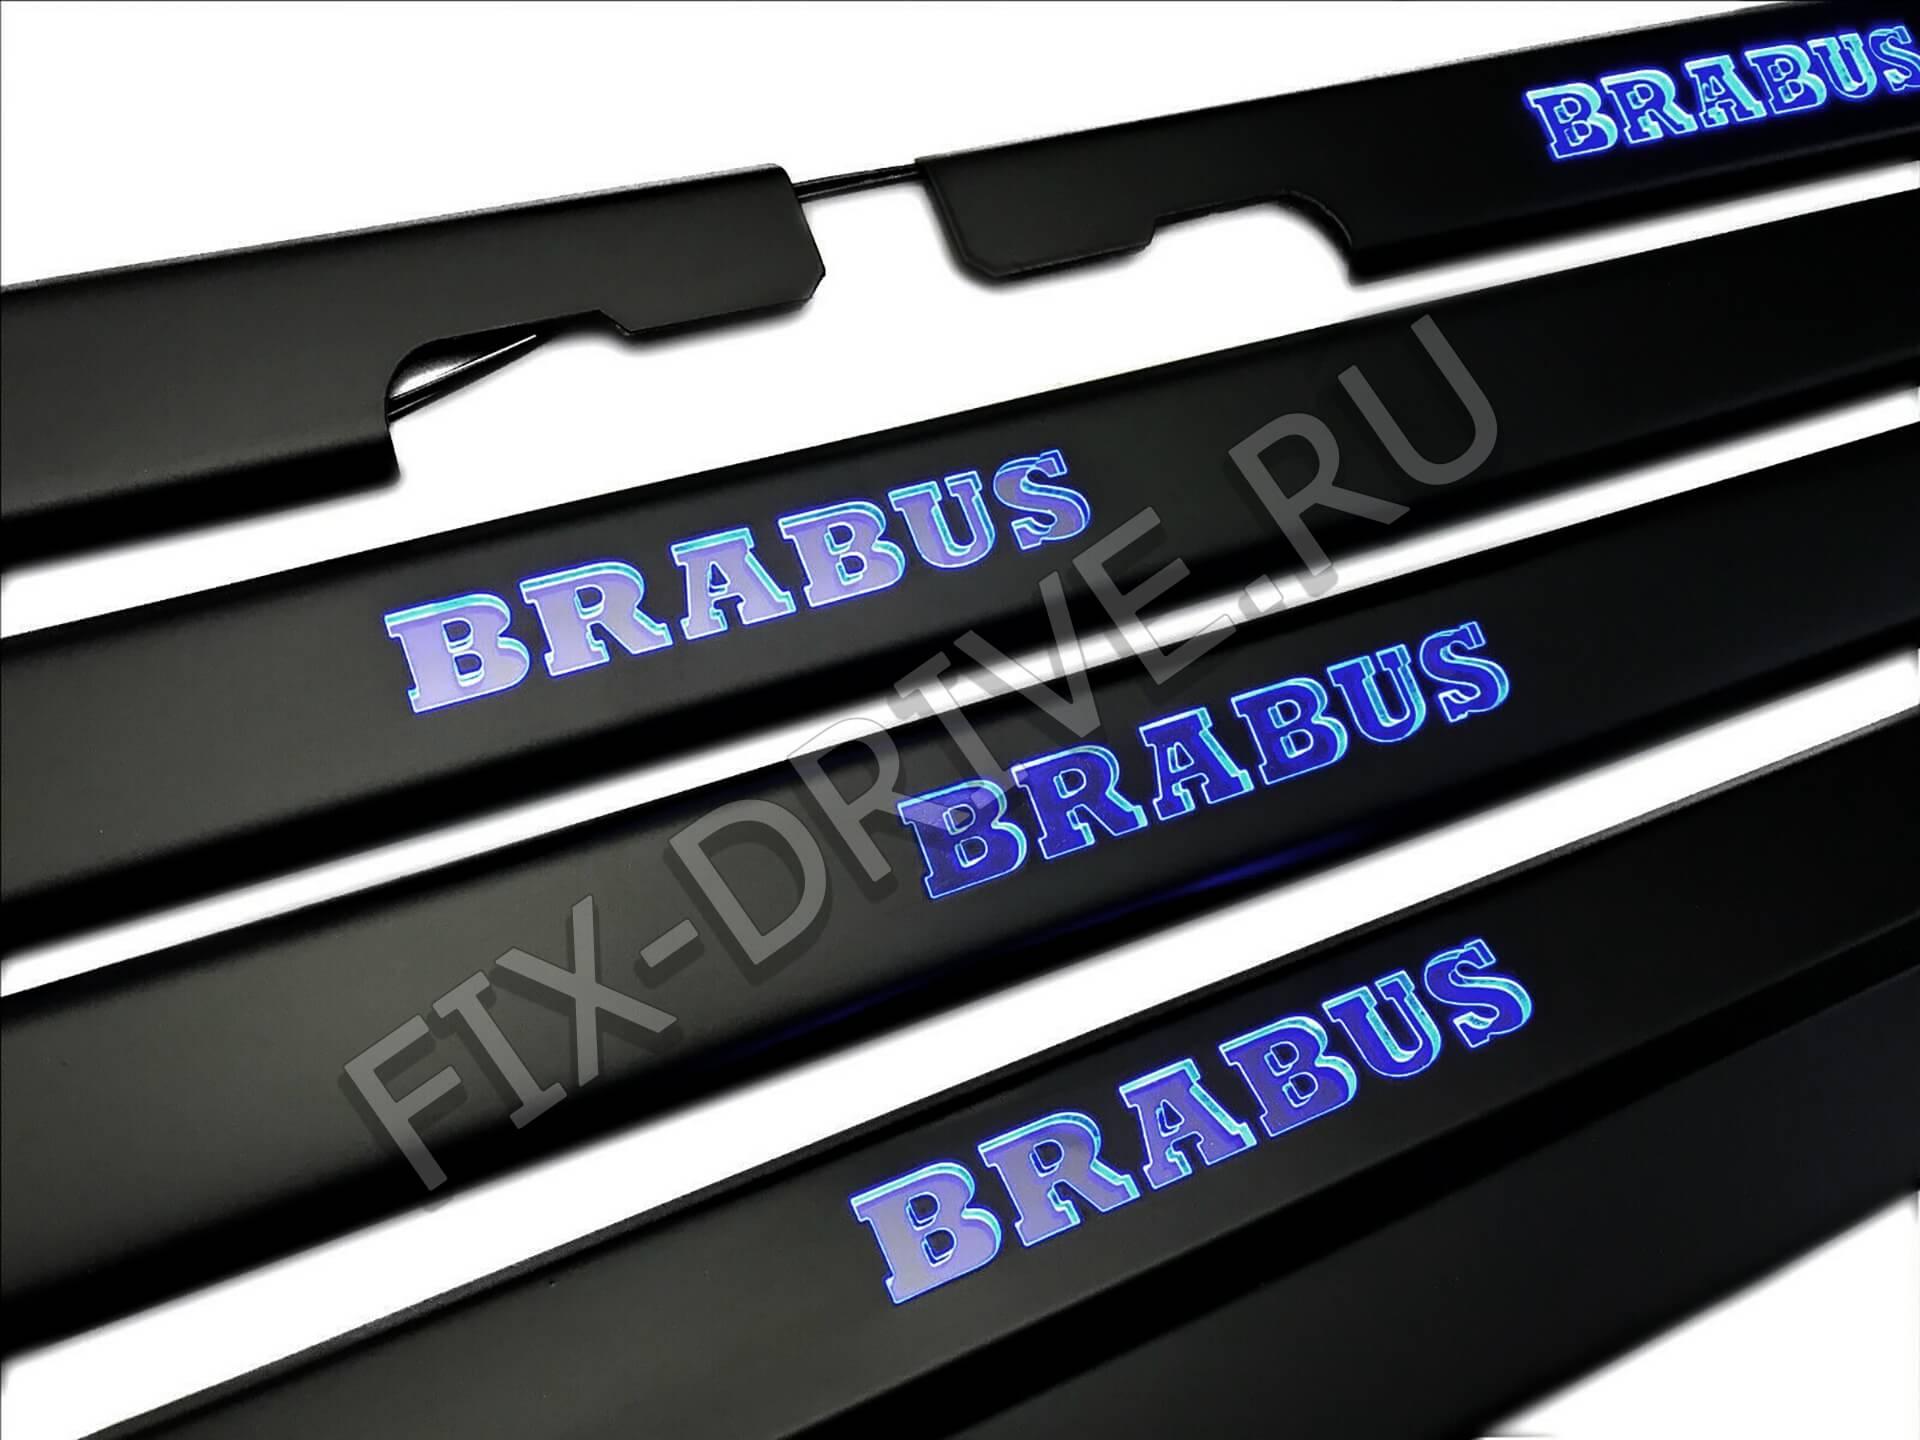 Пороги черные Brabus w463 подсветка синяя